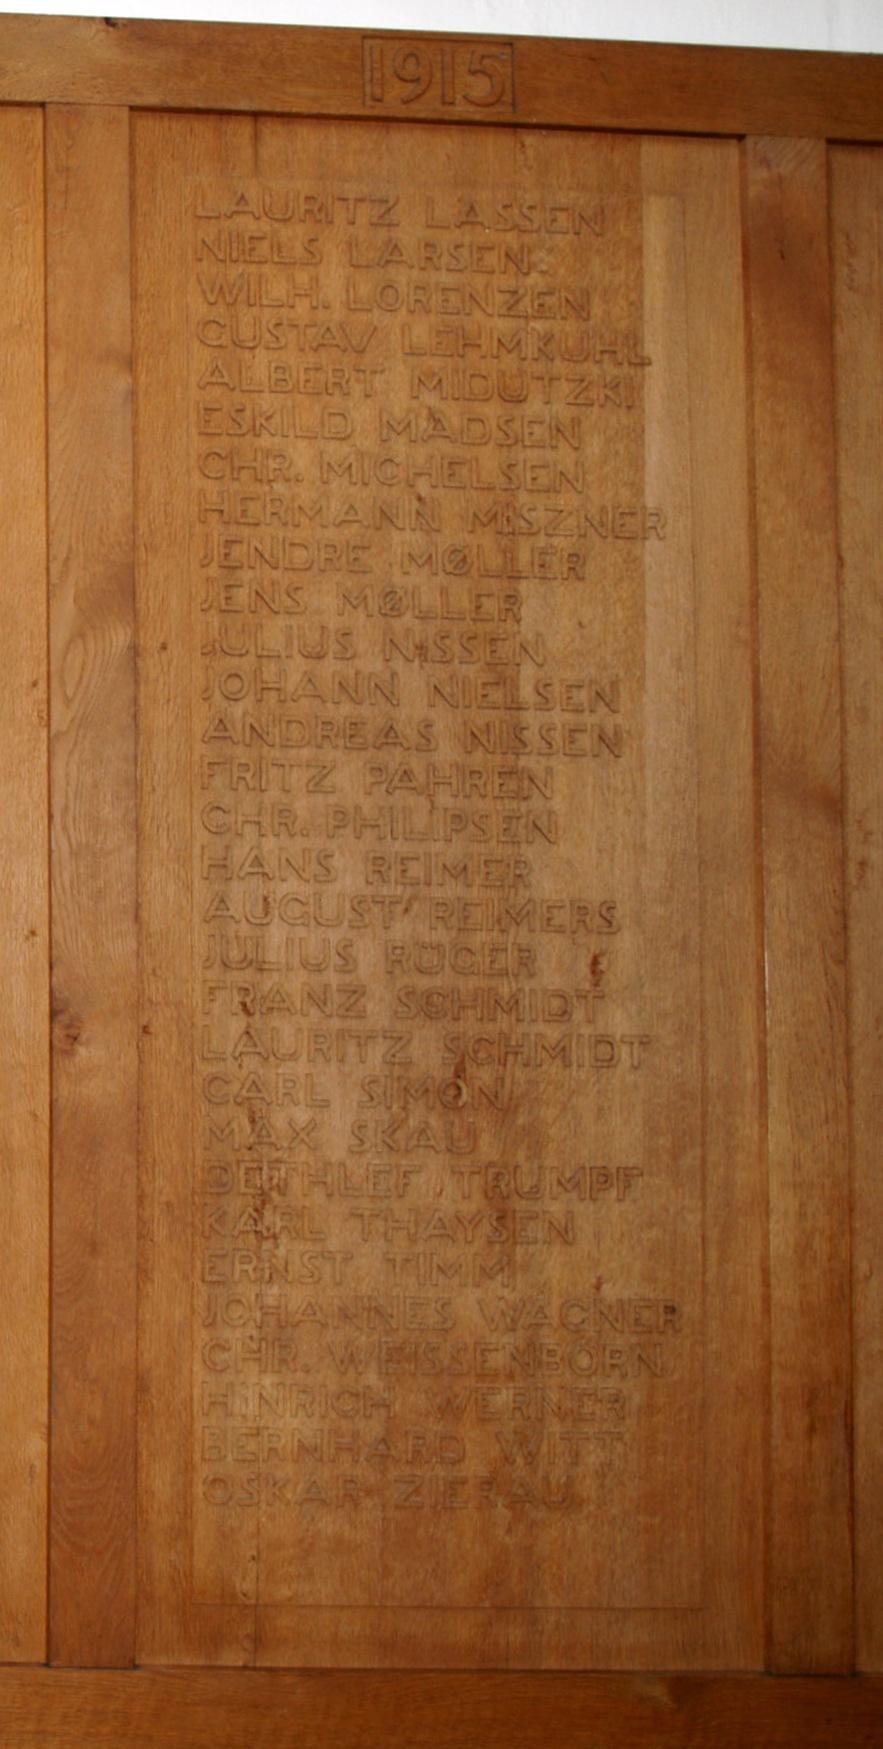 Mindetavle, Skt. Nicolai Kirke, Aabenraa